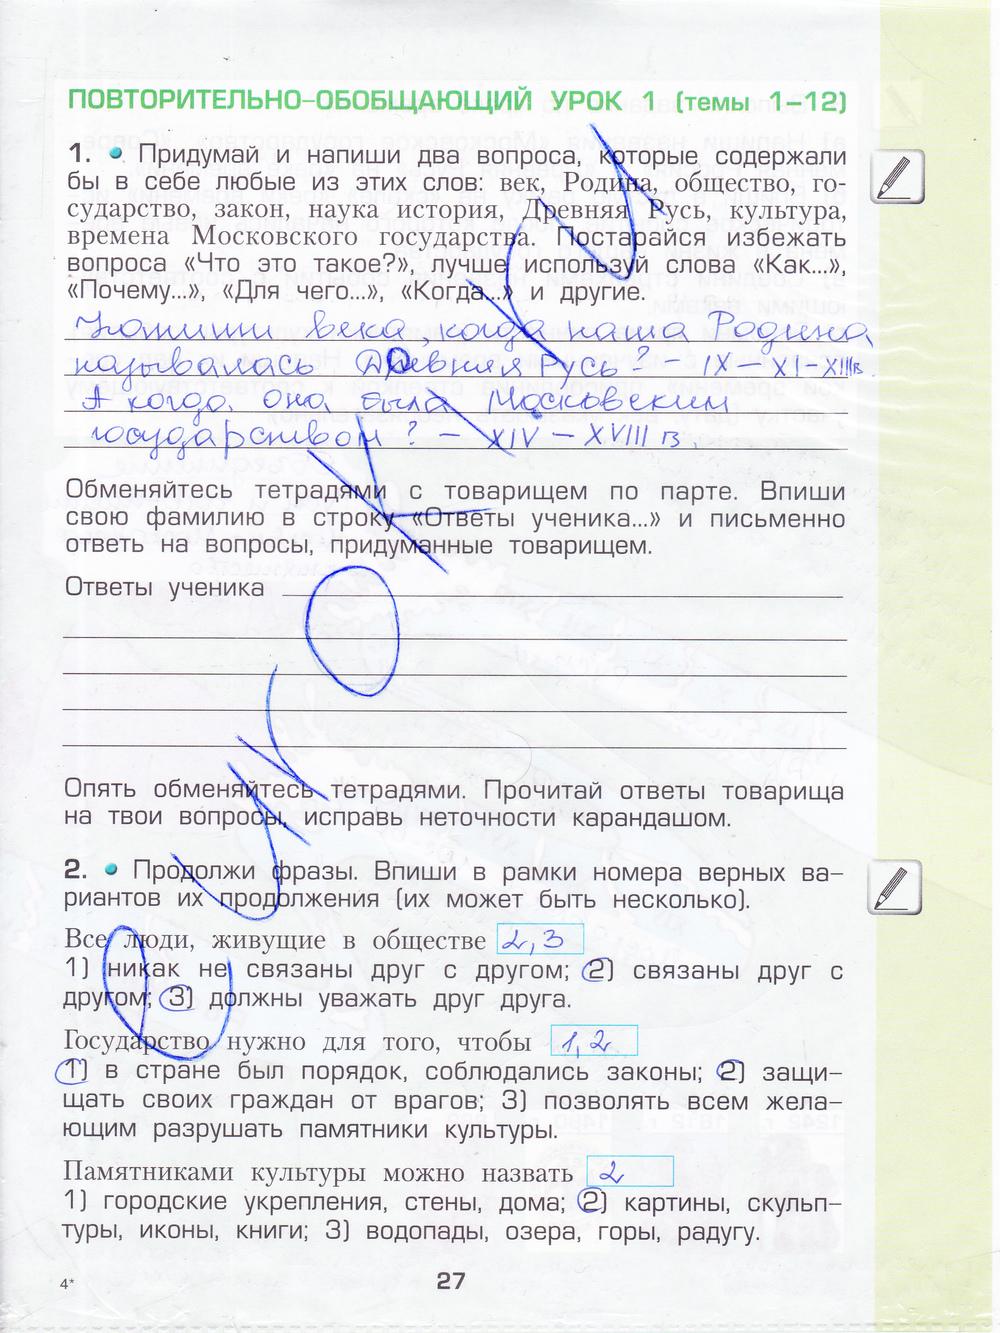 Гдз По Окружающему Миру 3 Класс Вахрушев Рабочая Тетрадь 2 Часть Мое Отечество